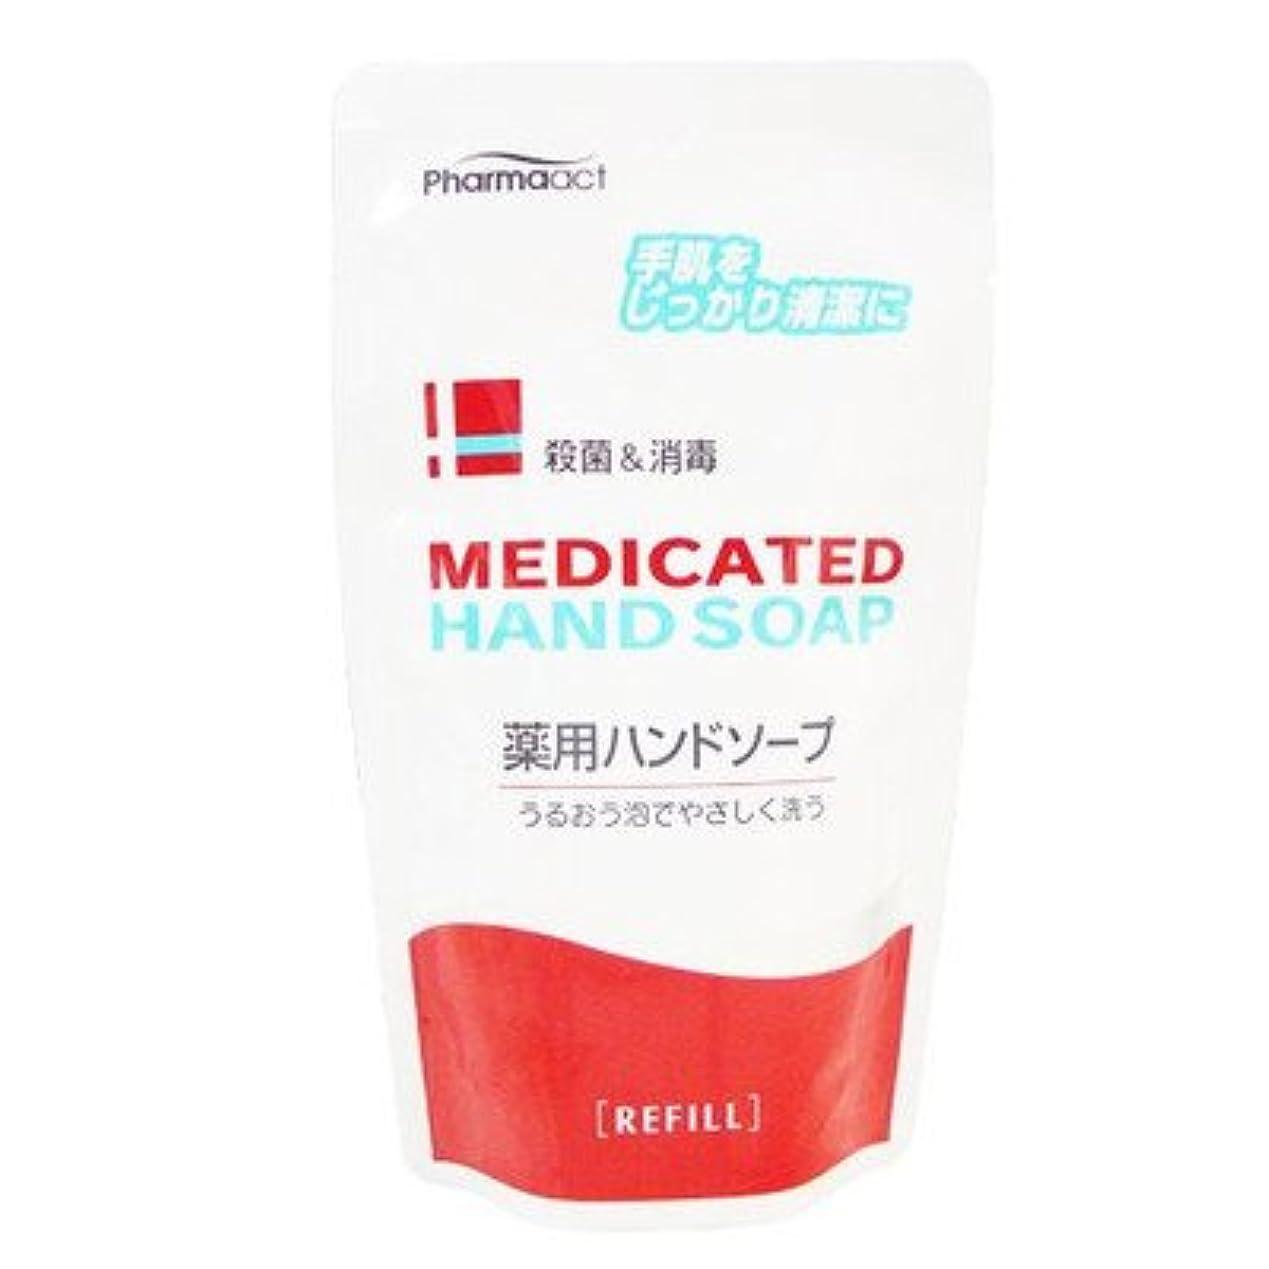 反論便宜グラフMedicated 薬用ハンドソープ 殺菌+消毒 200ml【つめかえ用】(医薬部外品)